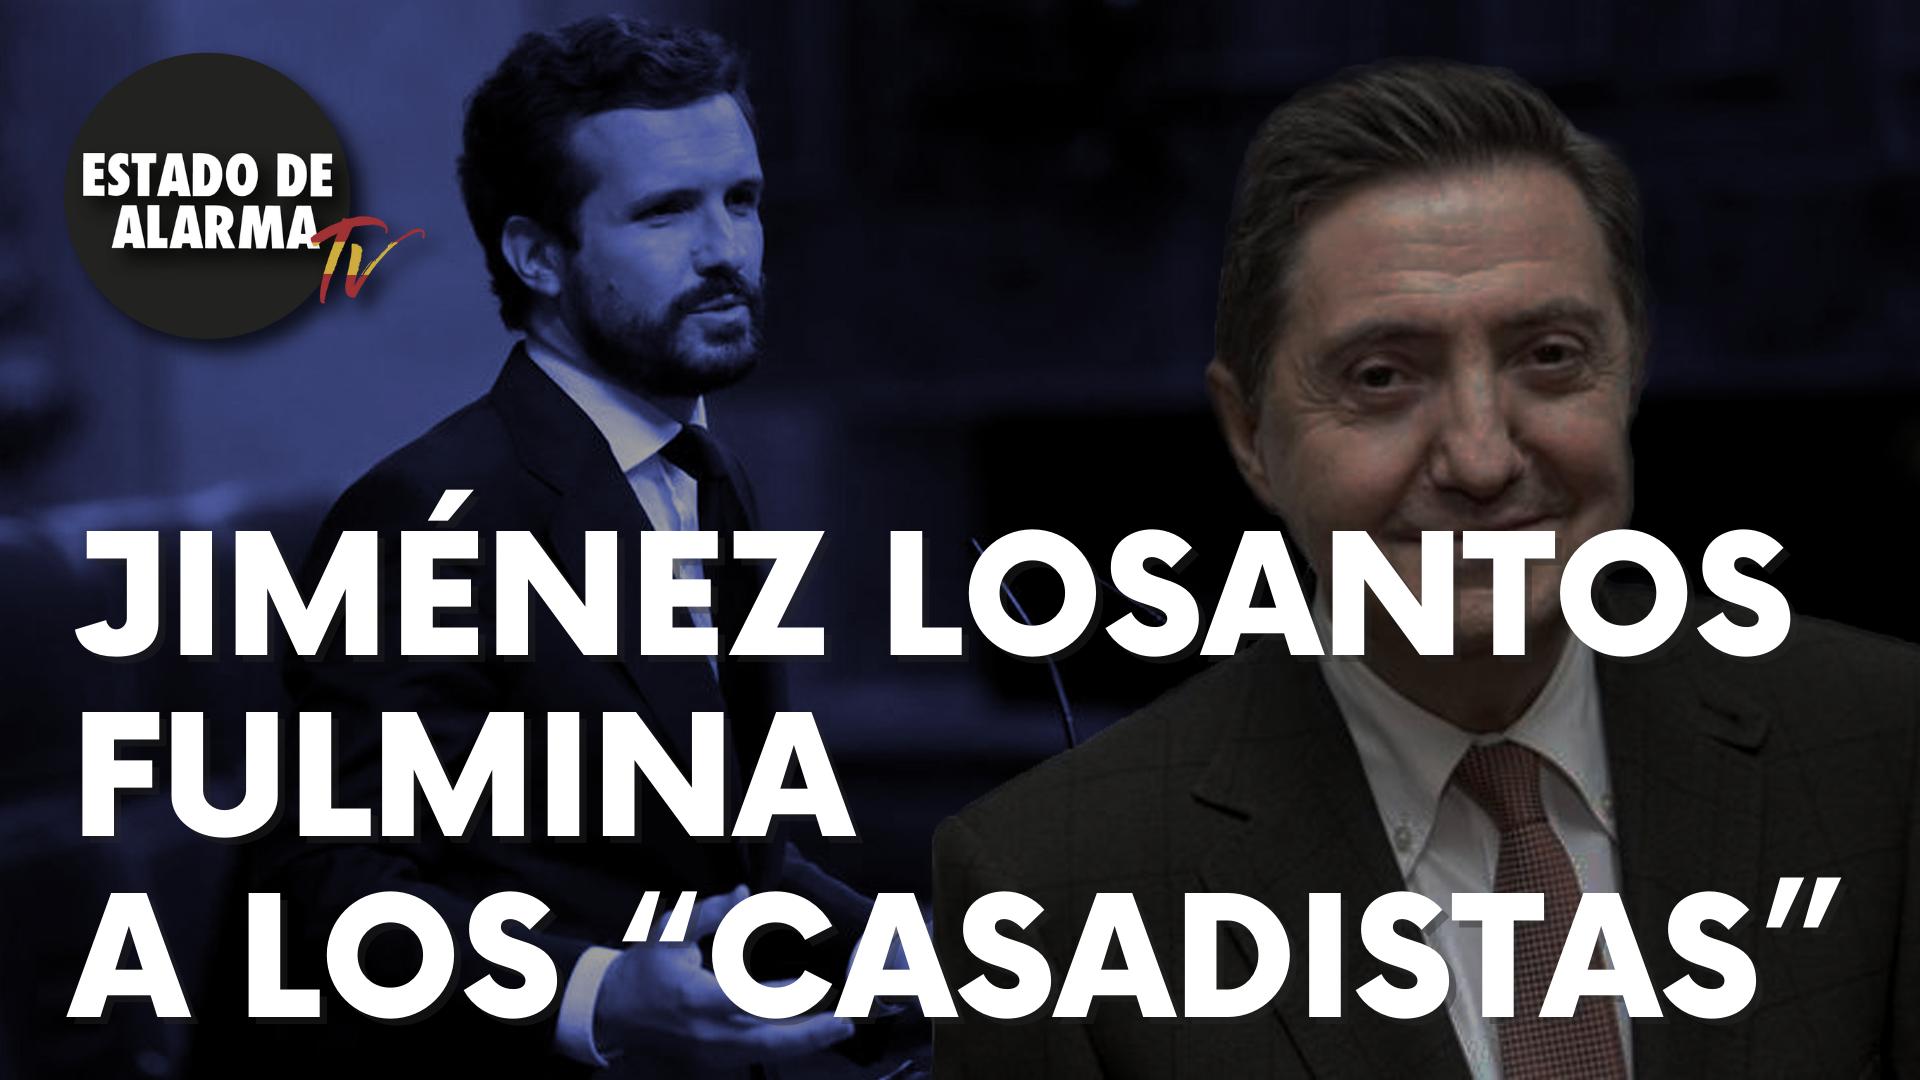 """Jiménez Losantos fulmina a los """"casadistas"""""""